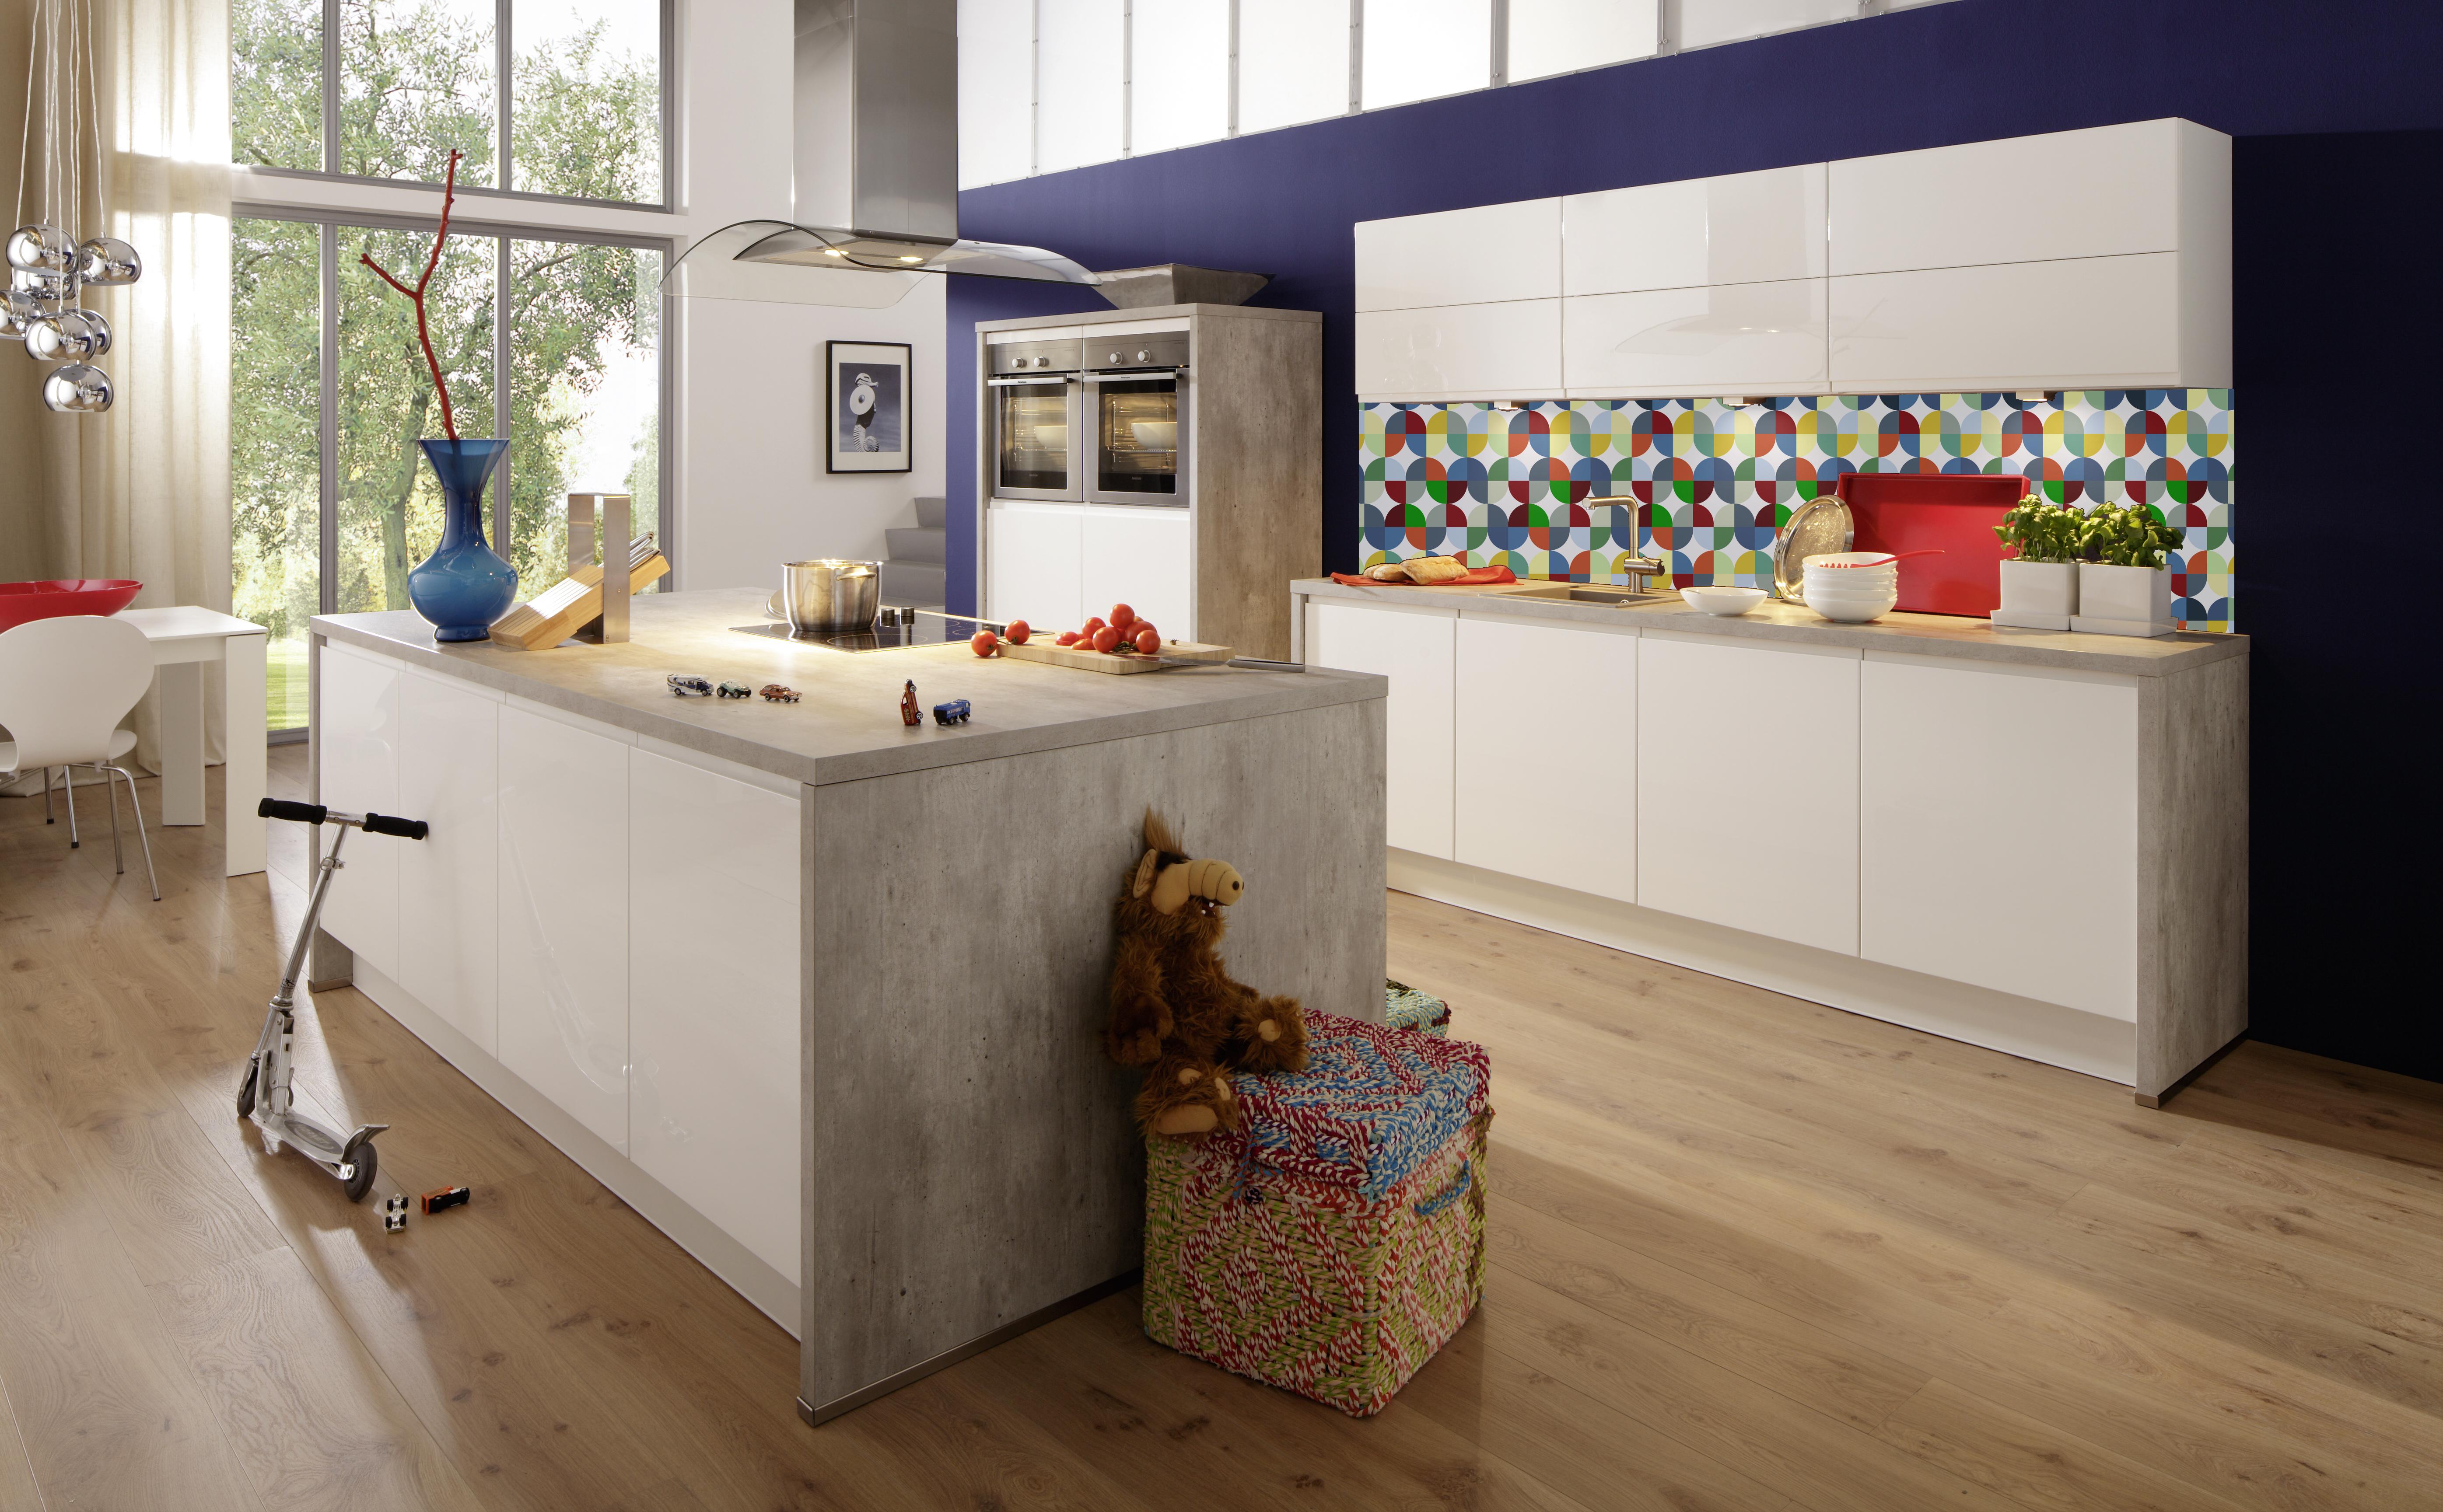 küchentrend geometric look - einrichten mit grafischen und